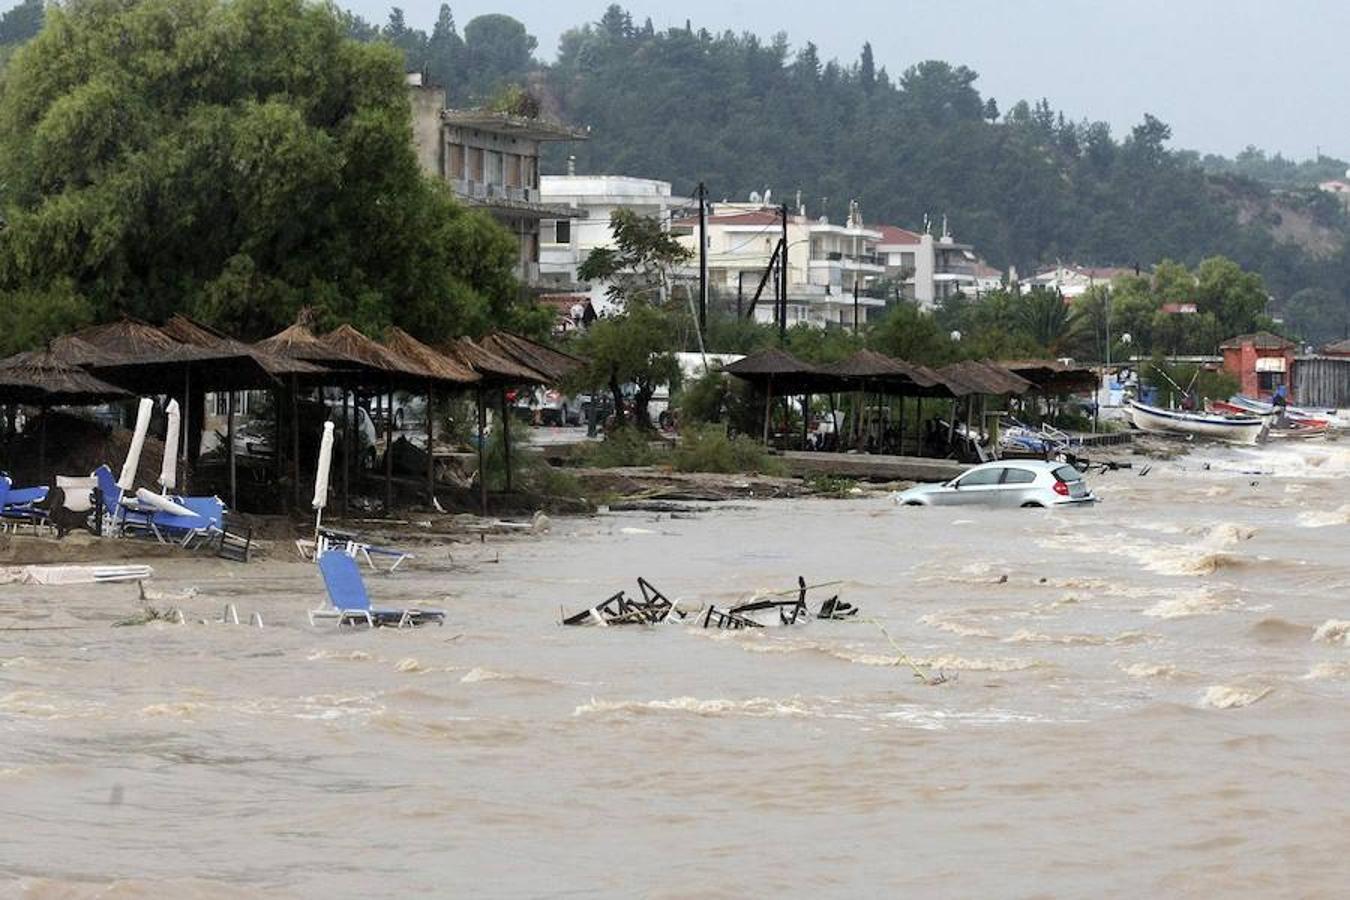 Vista general de los daños ocasionados por las inundaciones en Salónica, Grecia hoy, 7 de septiembre de 2016, como consecuencia de las fuertes lluvias.